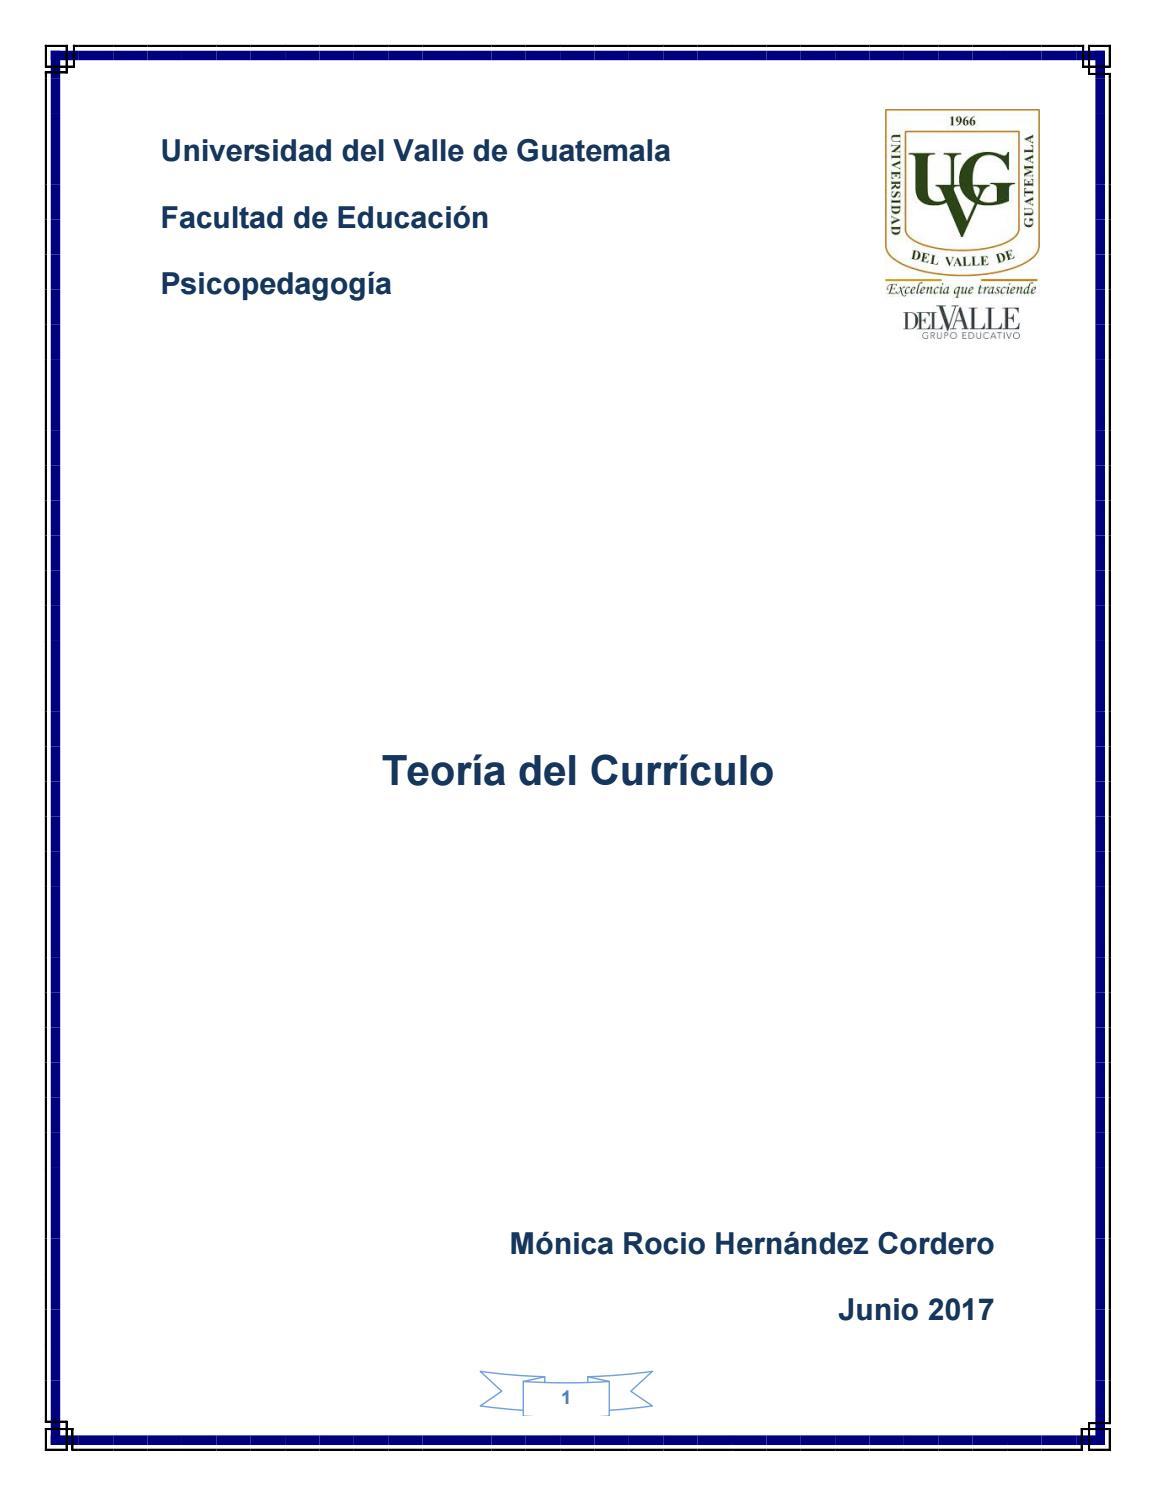 Libro teoría del currículo by Monica Rocio - issuu